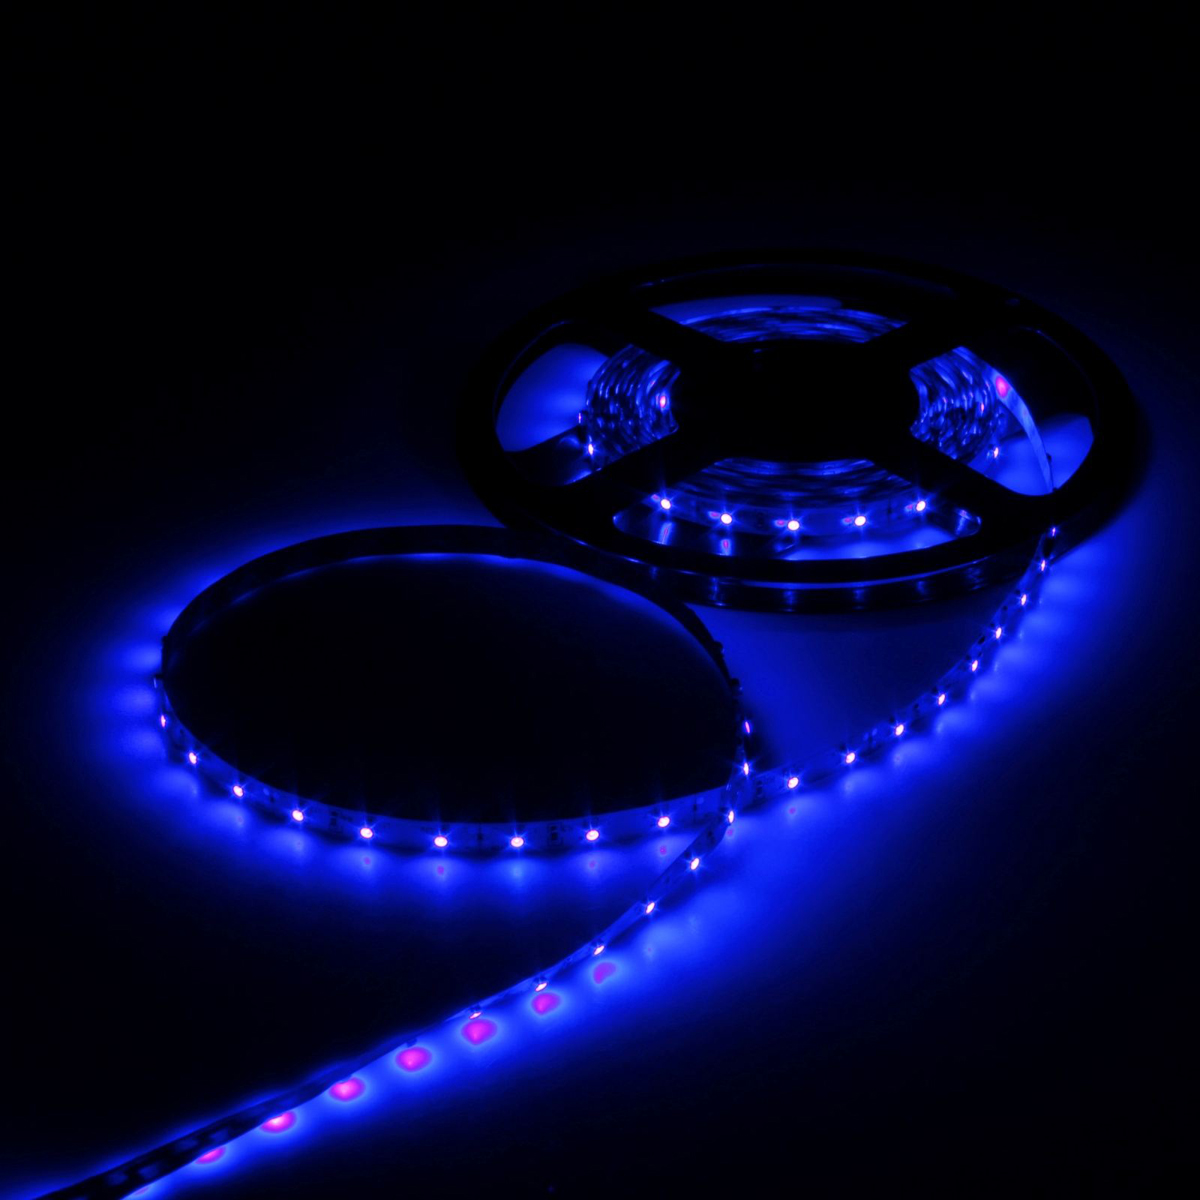 Светодиодная лента Luazon, 12В, SMD3528, длина 5 м, IP33, 60 LED ламп, 4.8 Вт/м, 6-7 Лм/1 LED, DC, цвет: синий883872Светодиодные гирлянды, ленты и т.д — это отличный вариант для новогоднего оформления интерьера или фасада. С их помощью помещение любого размера можно превратить в праздничный зал, а внешние элементы зданий, украшенные ими, мгновенно станут напоминать очертания сказочного дворца. Такие украшения создают ауру предвкушения чуда. Деревья, фасады, витрины, окна и арки будто специально созданы, чтобы вы украсили их светящимися нитями.